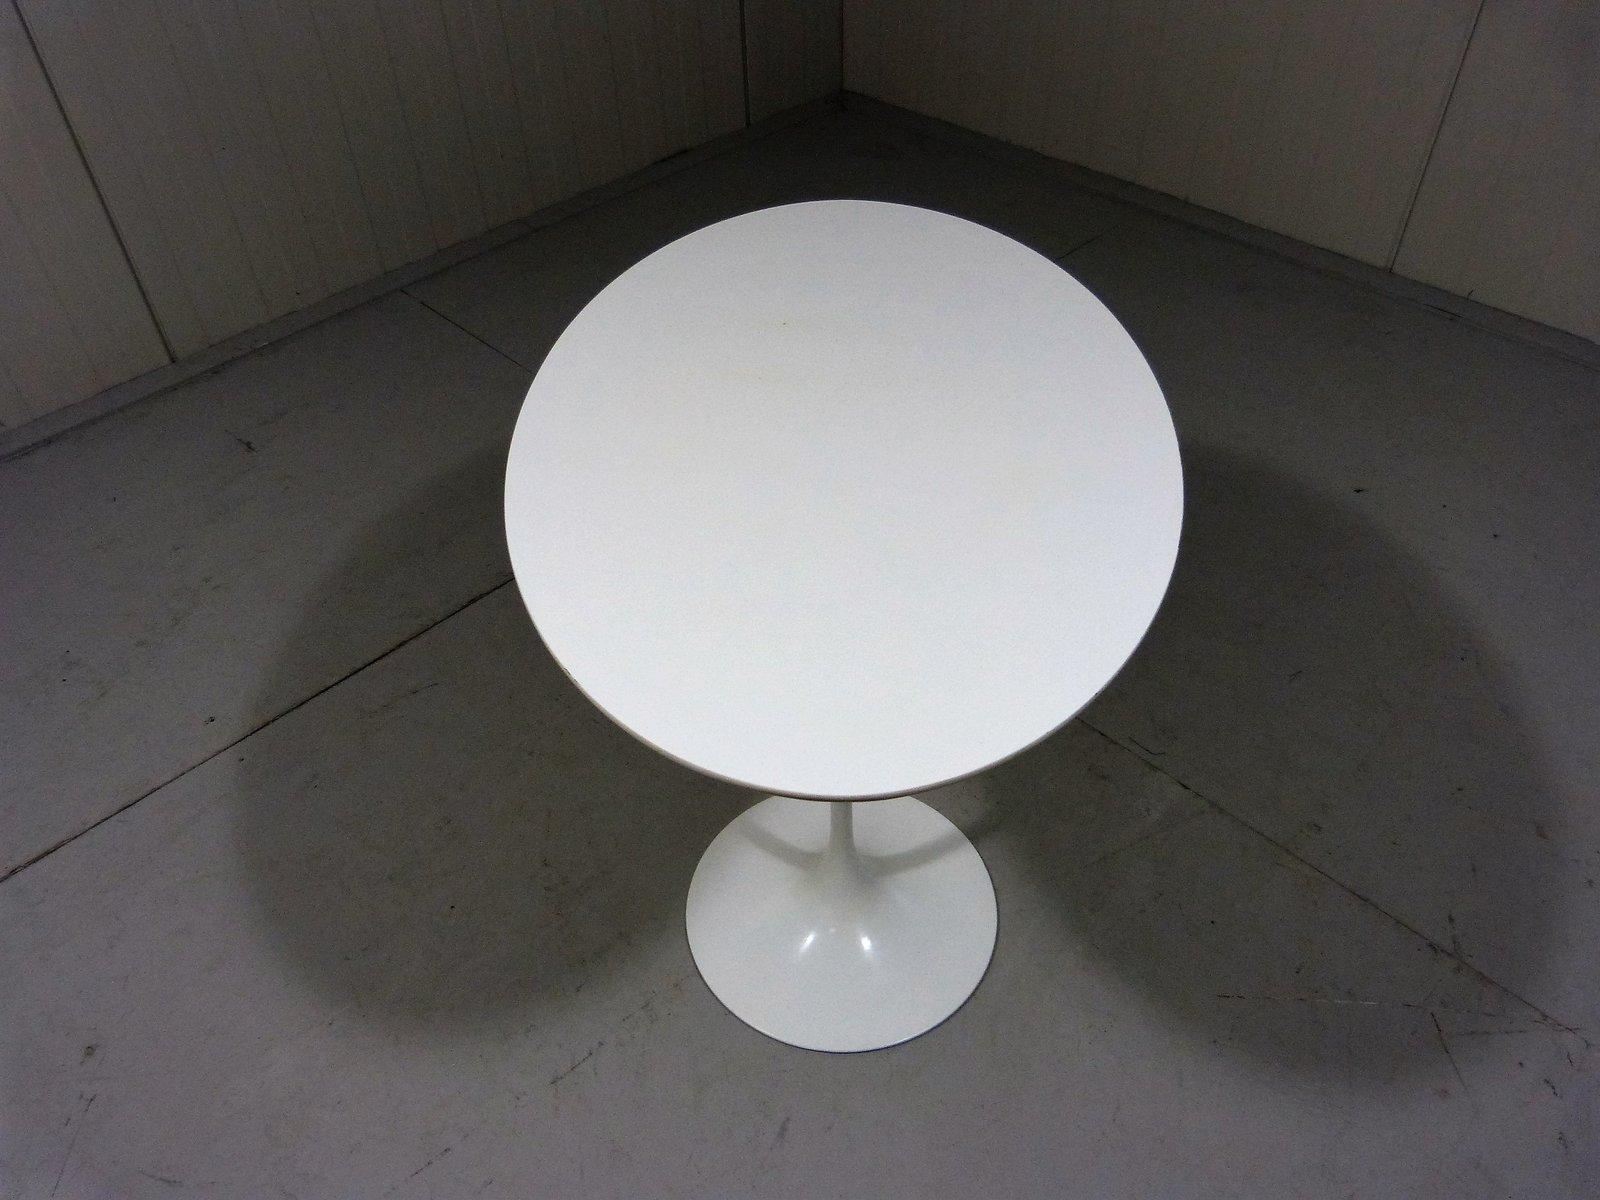 Tavolo Tulip Knoll : Tavolo saarinen knoll dwg saarinen dining table oval knoll